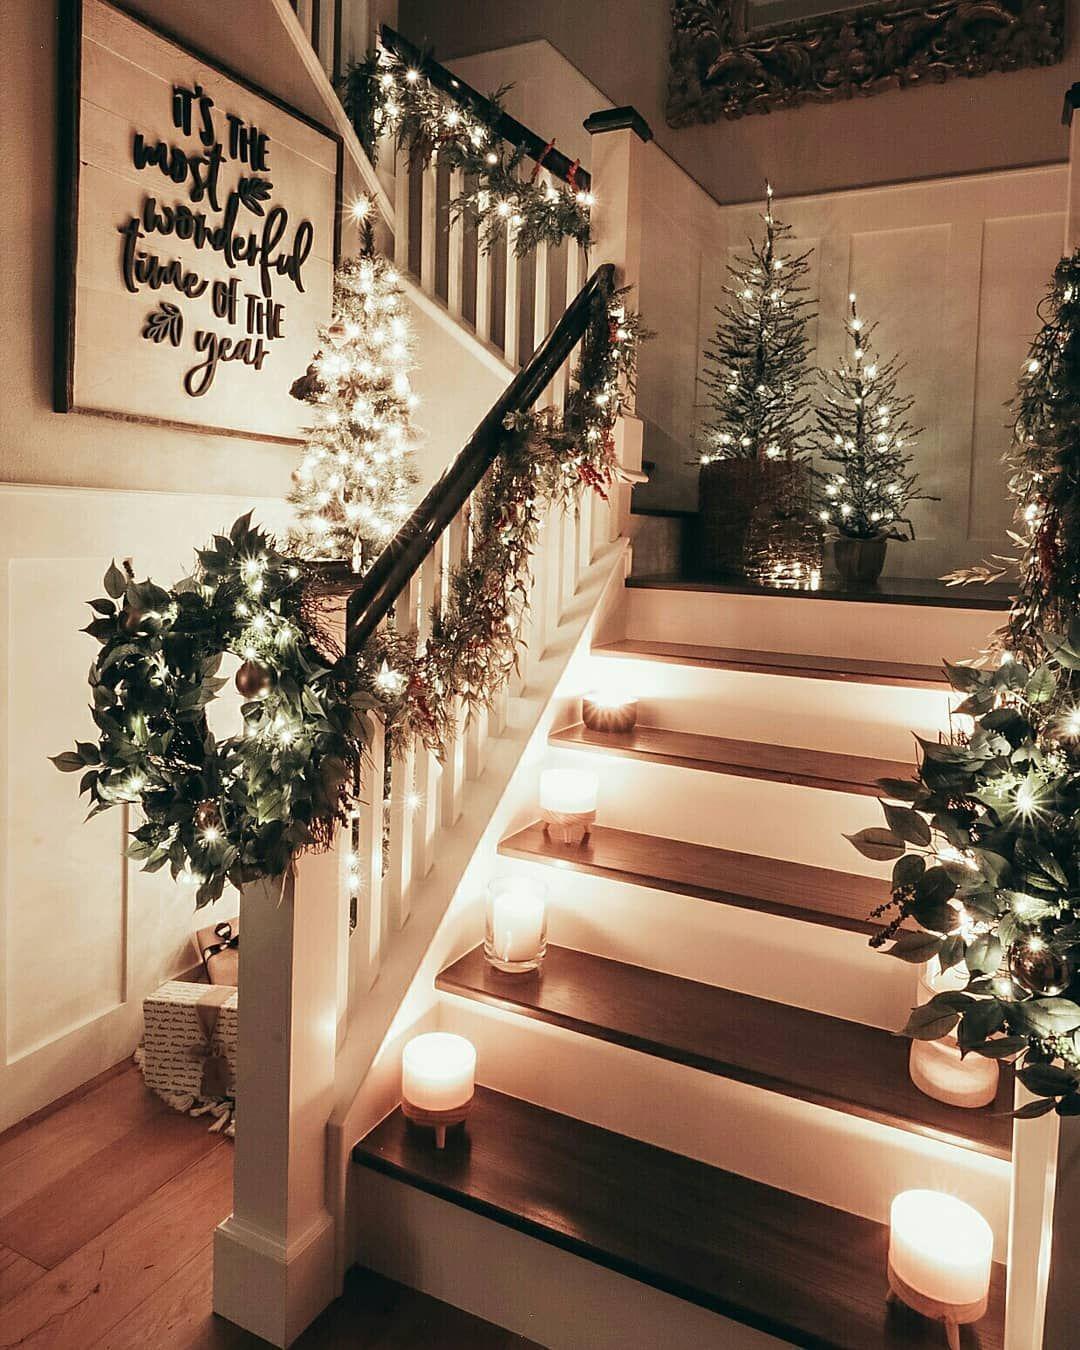 30 Pretty Christmas Decor Ideas For Your Home